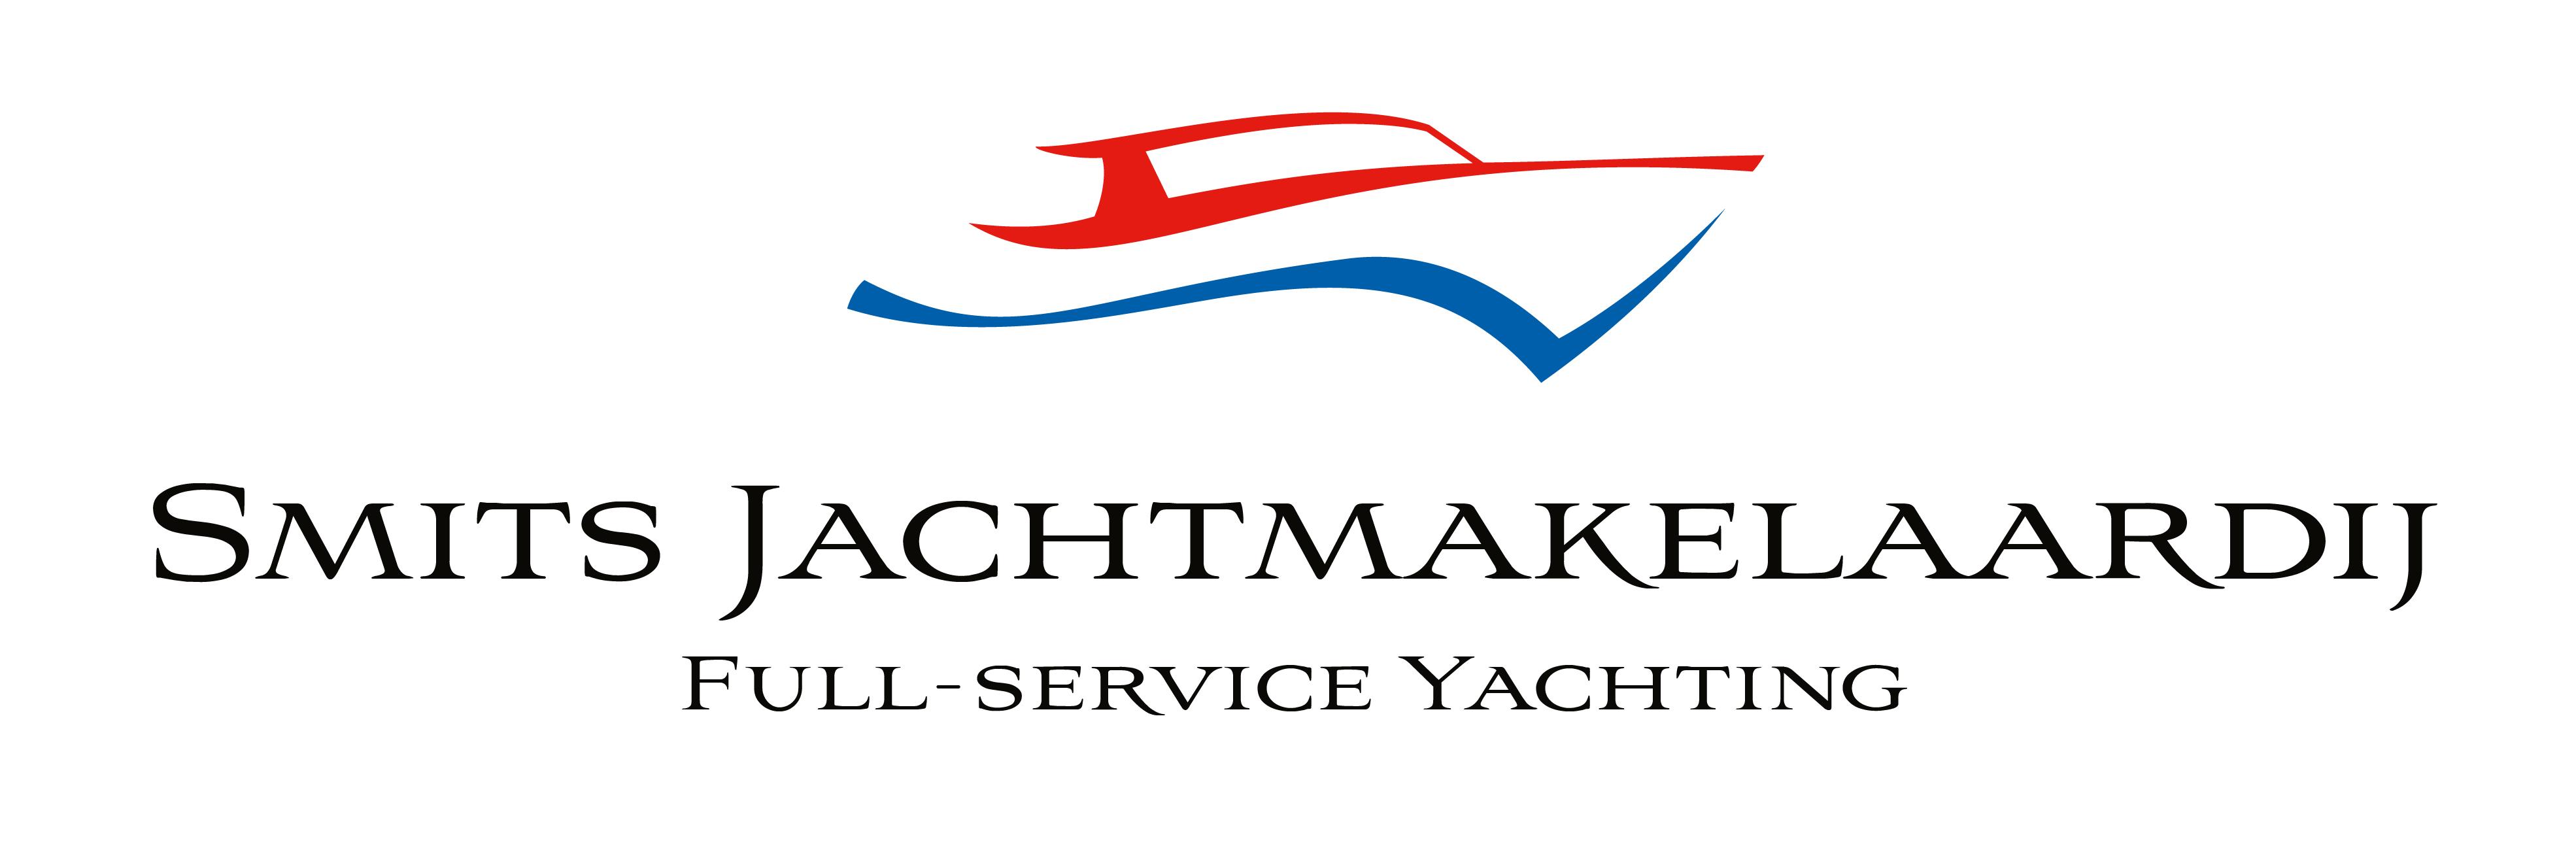 Просмотреть все яхты с  Smits Jachtmakelaardij